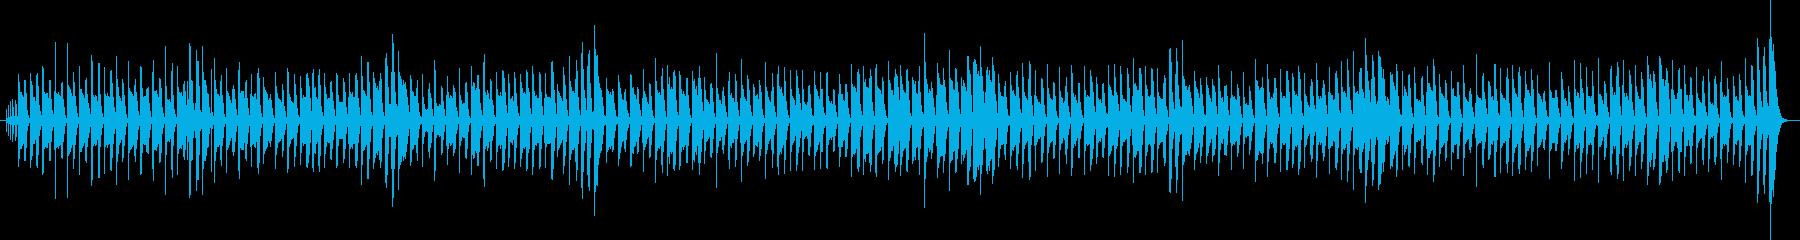 かわいい・軽い感じ・ほのぼのピアノの伴奏の再生済みの波形